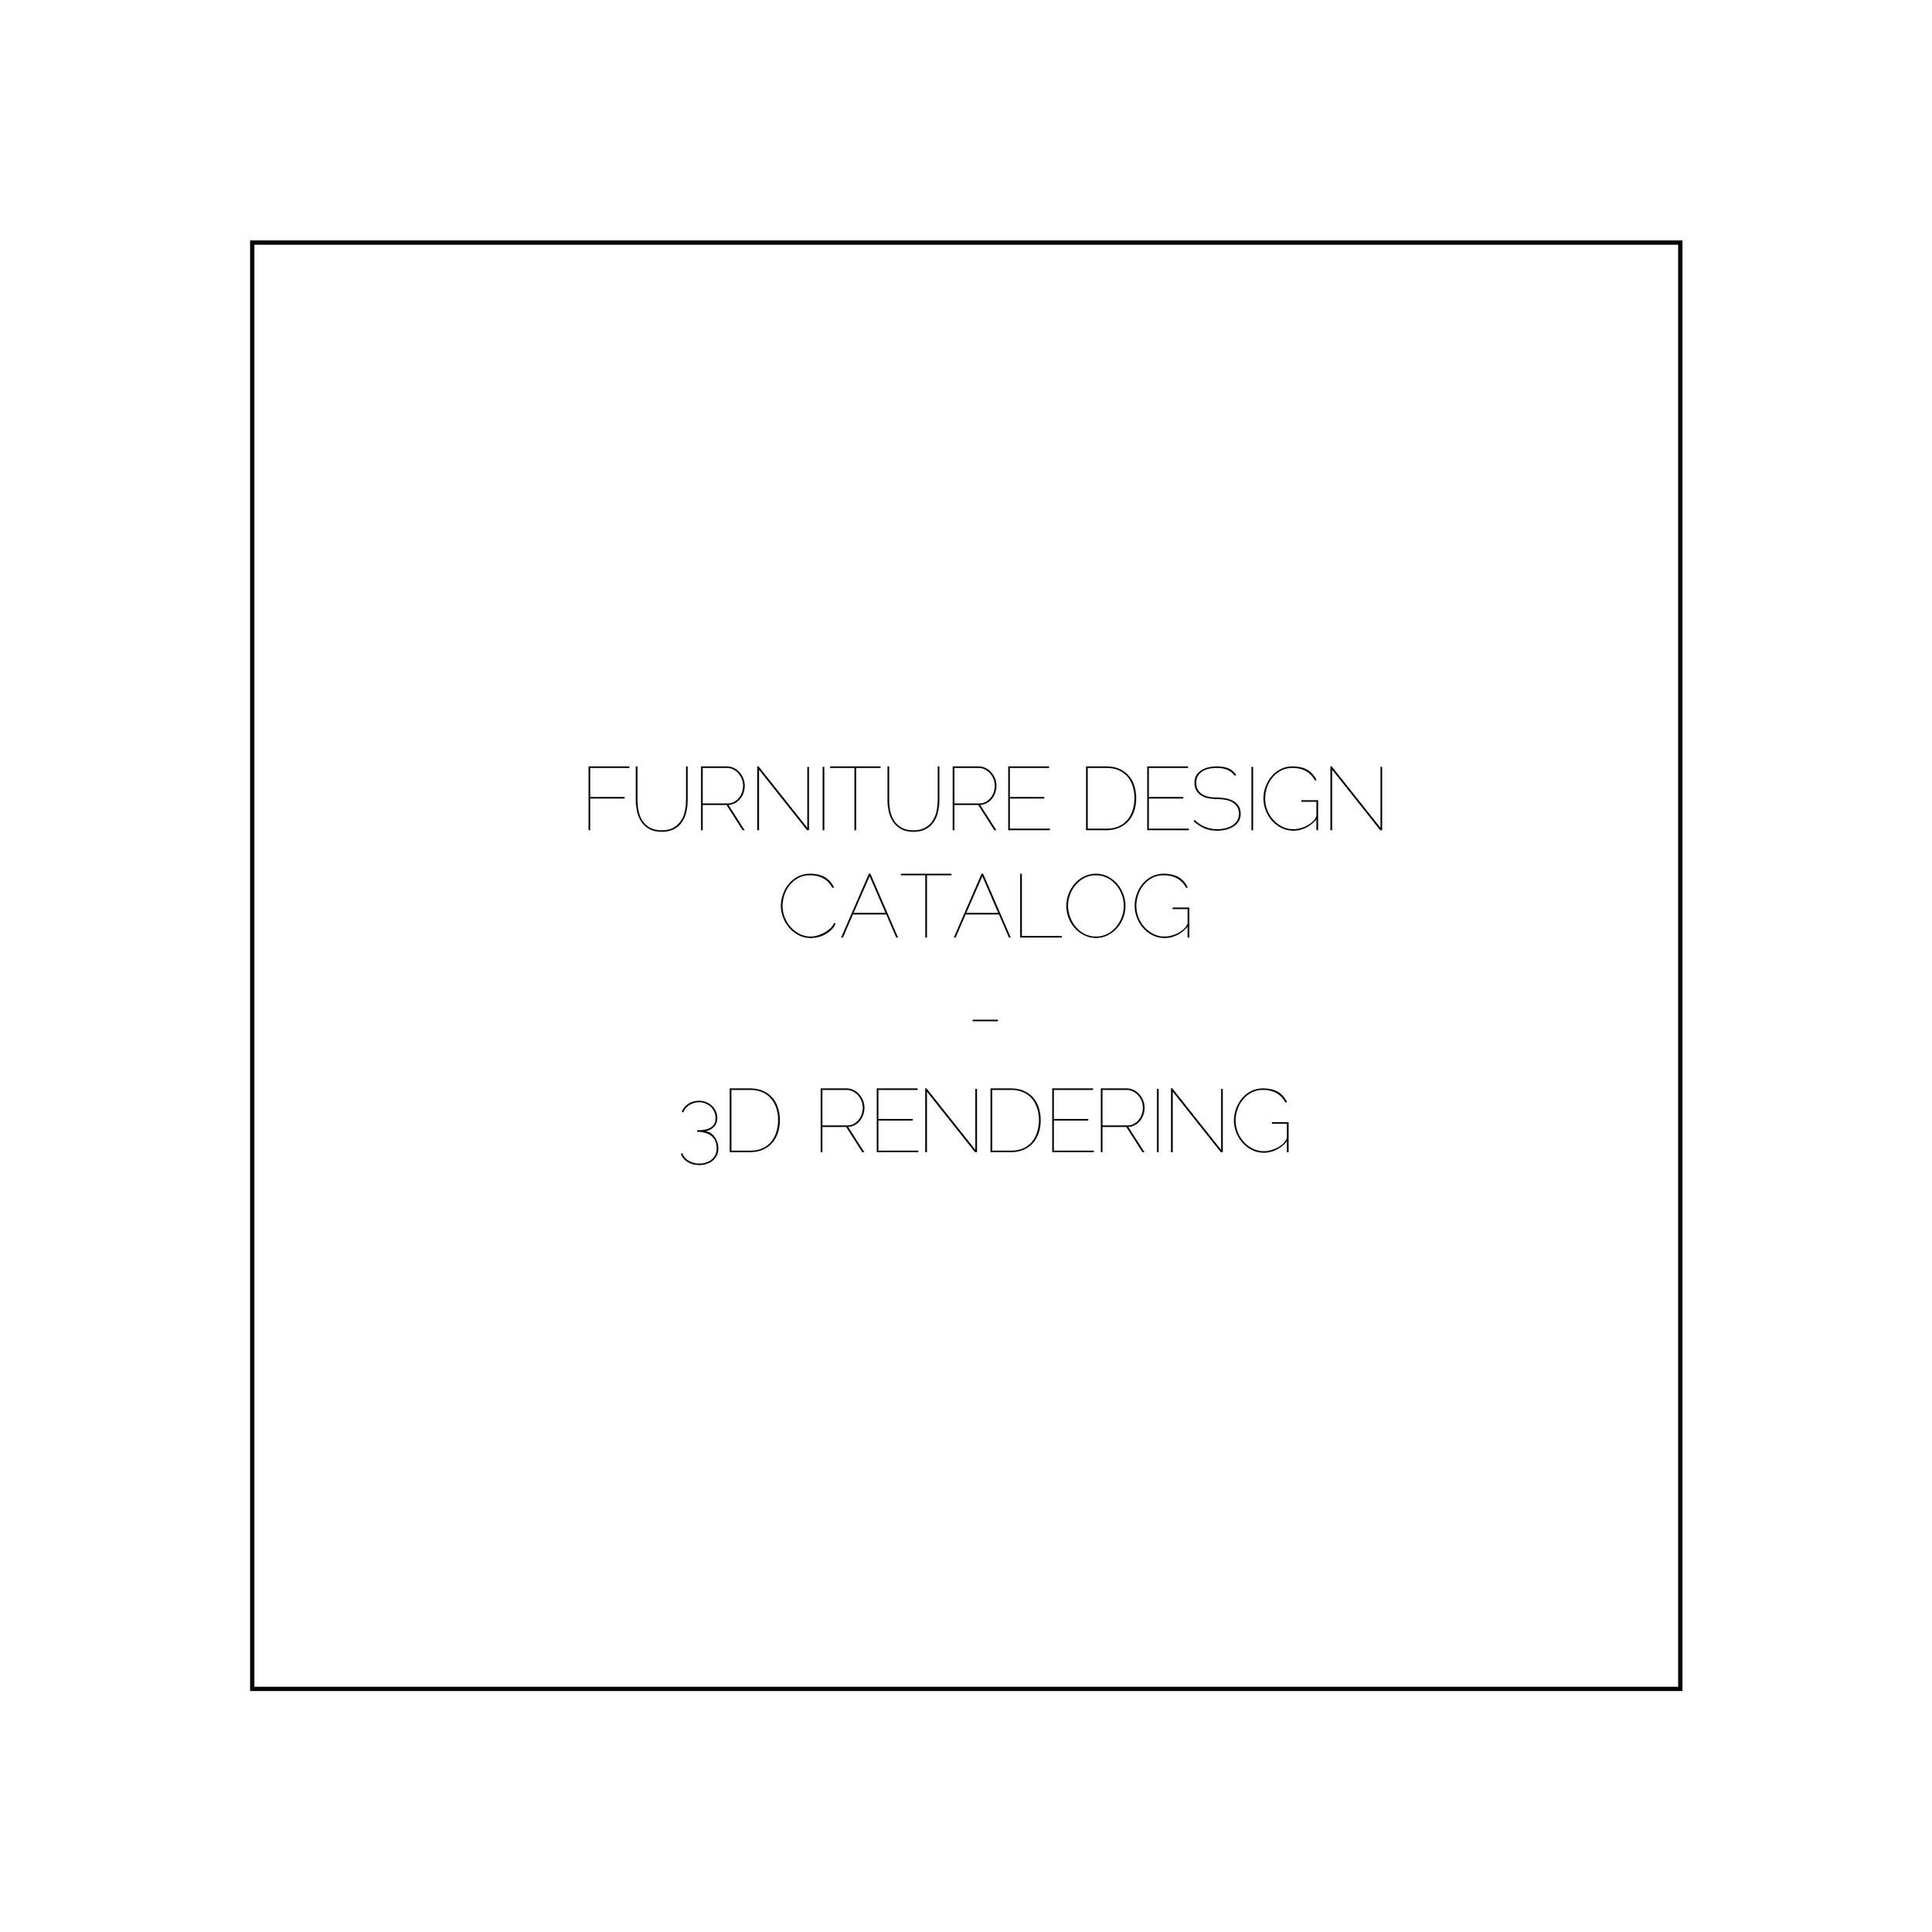 Furniture Design Cover.jpg